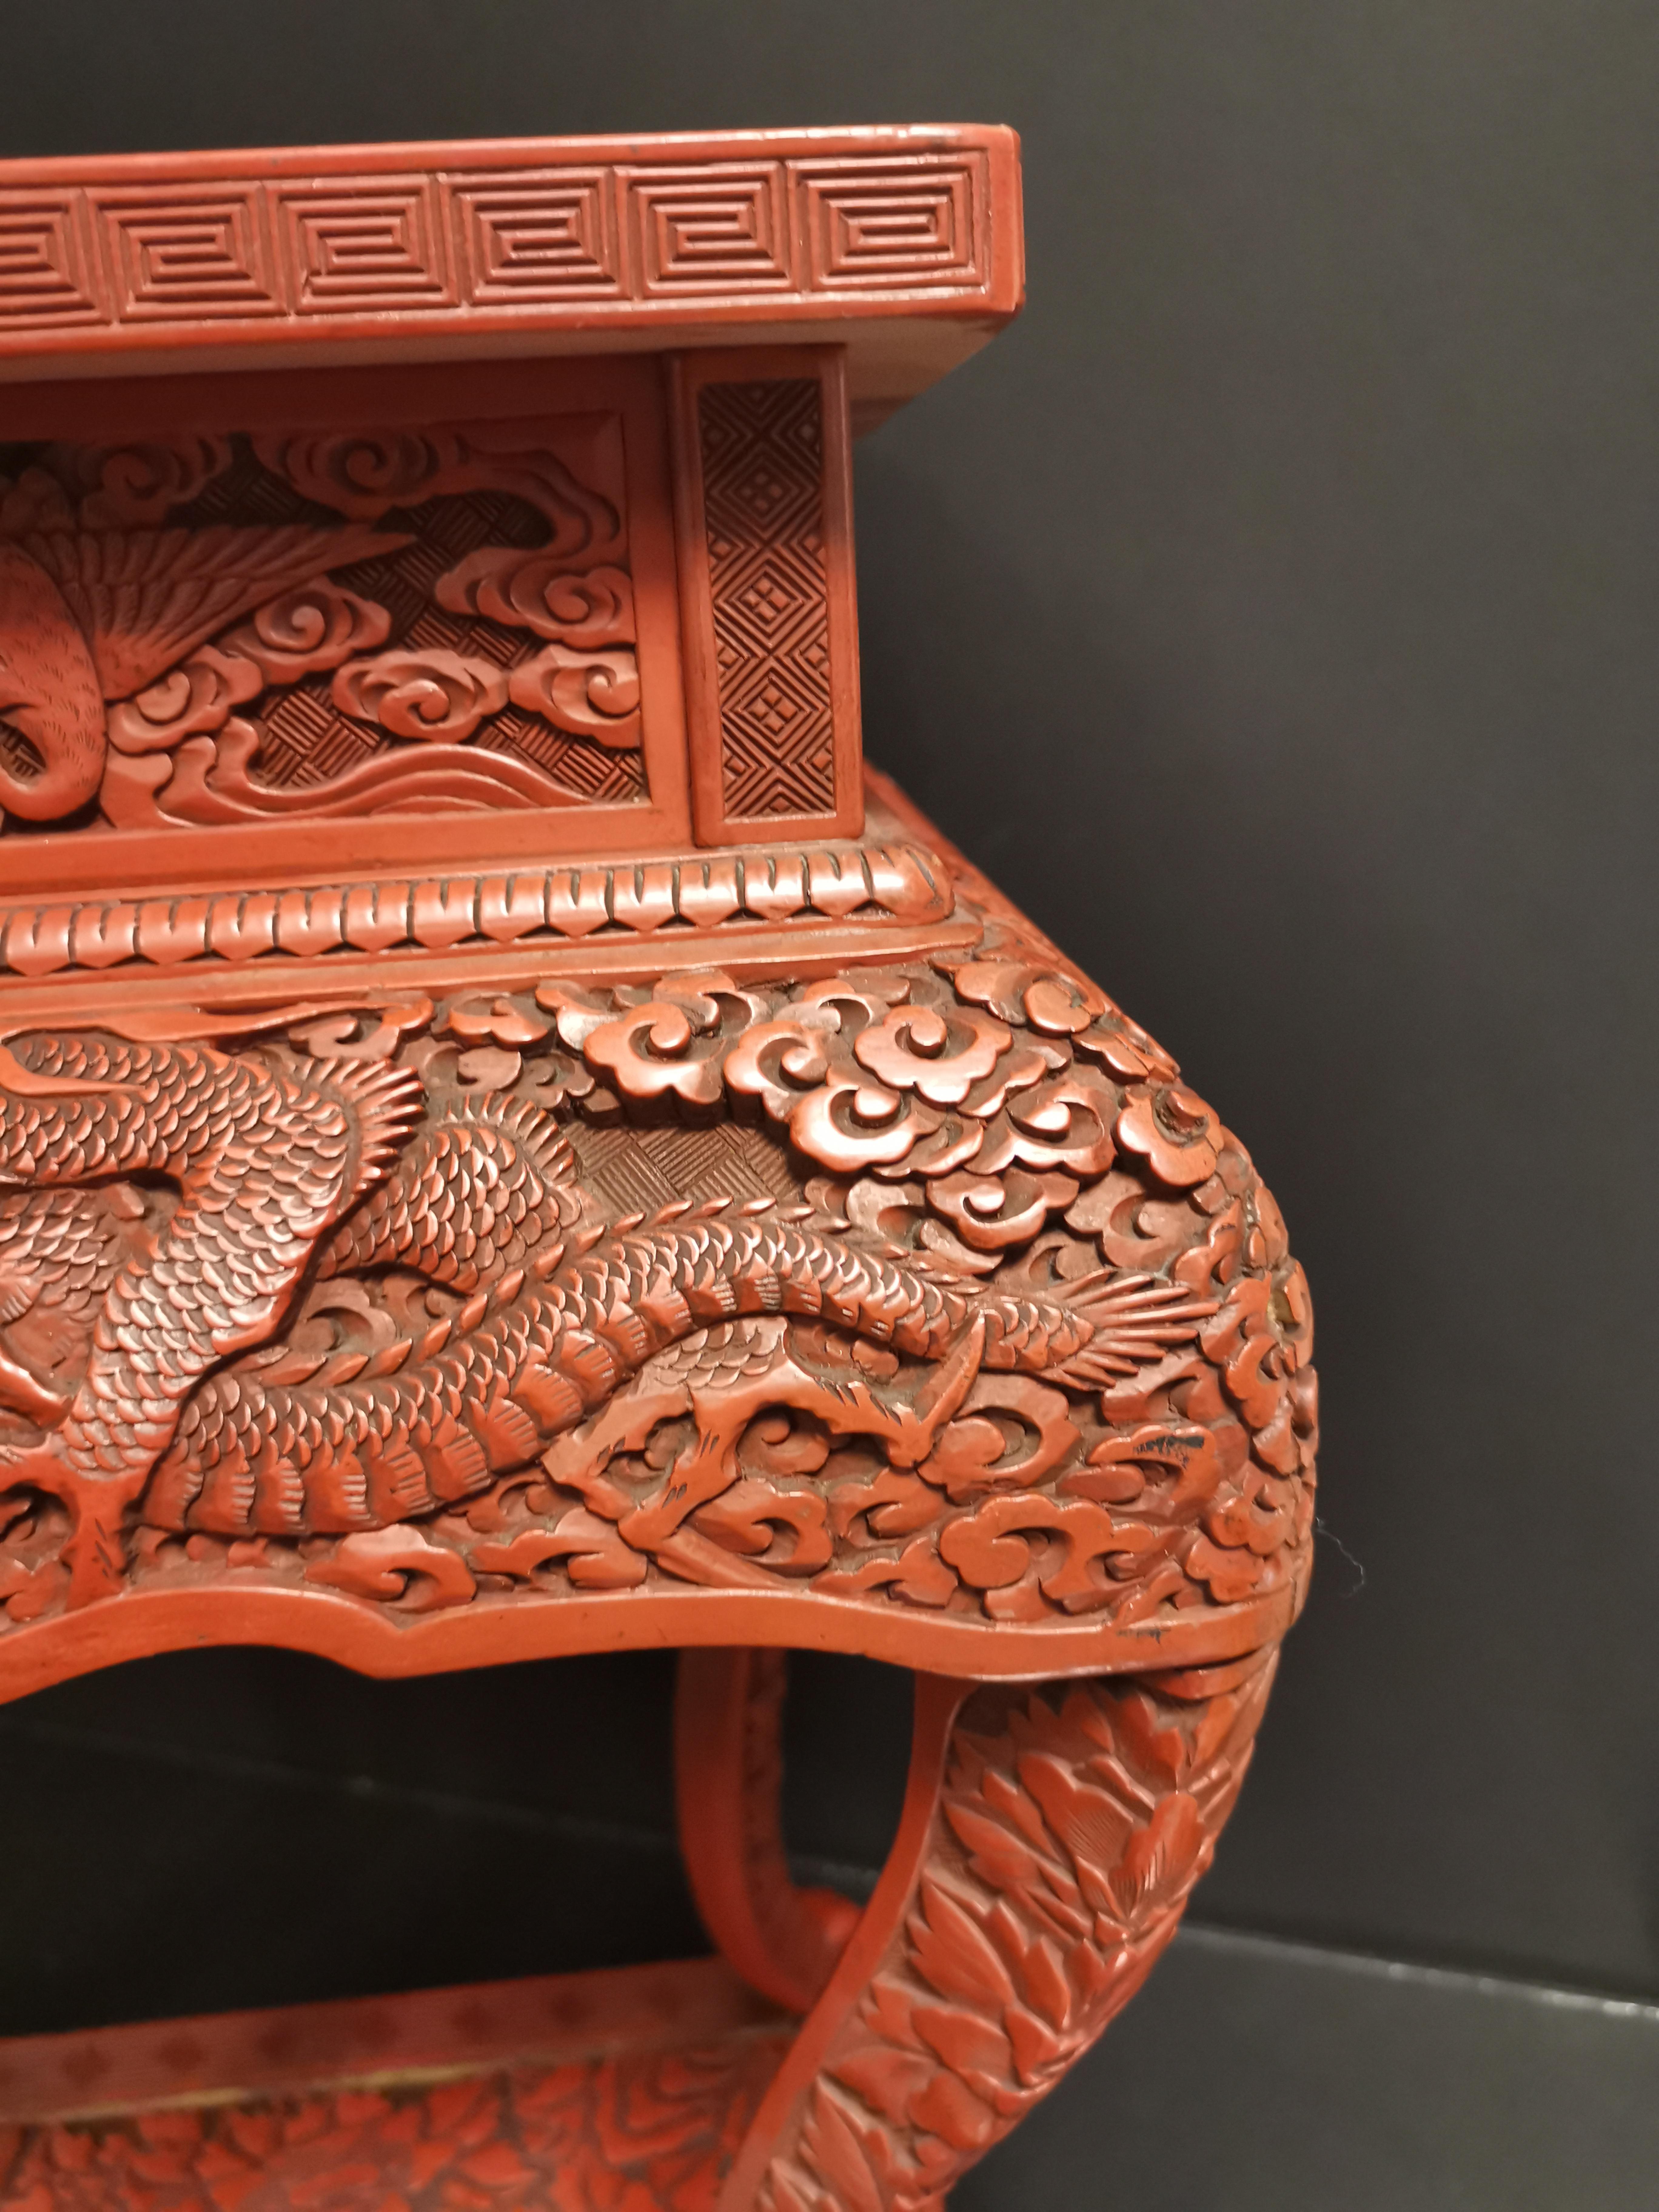 Lot 8 - Petite sellette en laque rouge sculptée. Japon, époque Meiji, circa 1900 / 1910. Le [...]